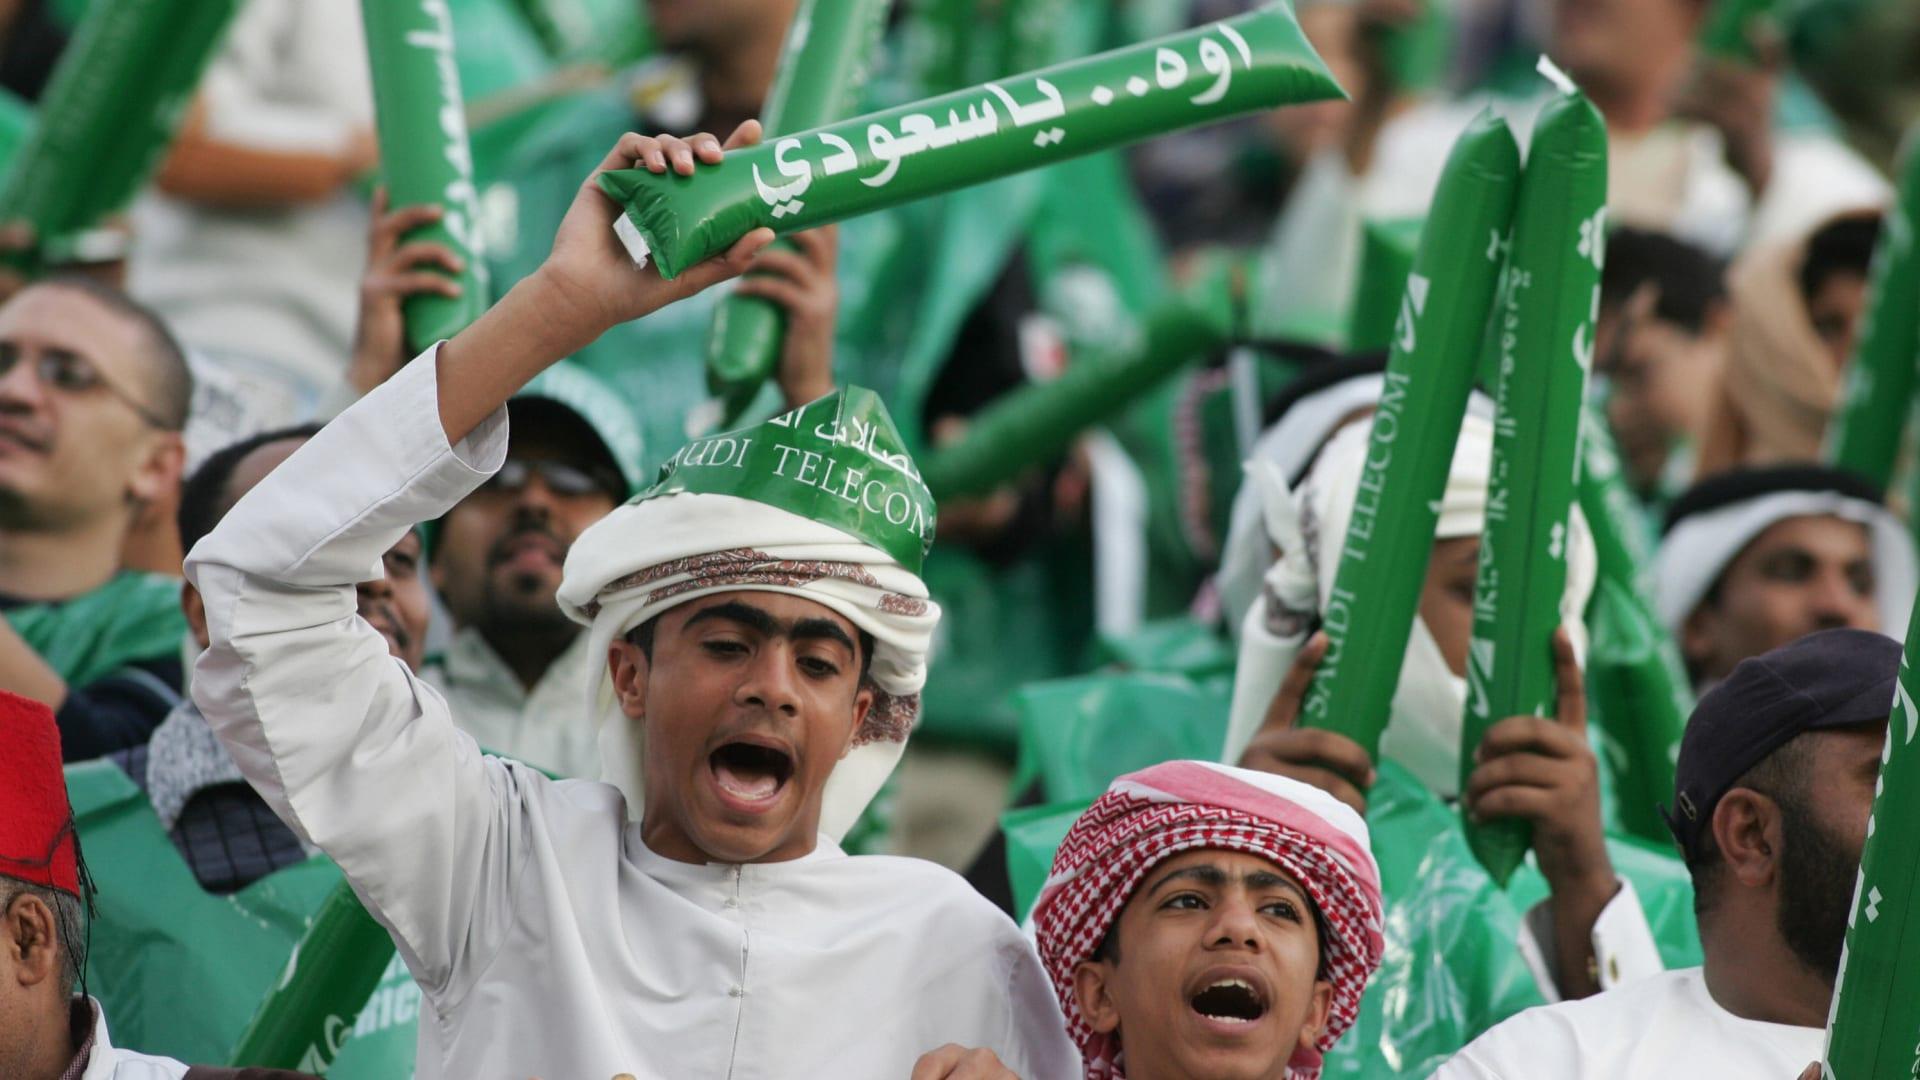 """السعودية.. الإعلان عن عودة الجماهير """"المحصنين"""" إلى الملاعب ابتداء من مواجهة المنتخب الفلسطيني"""